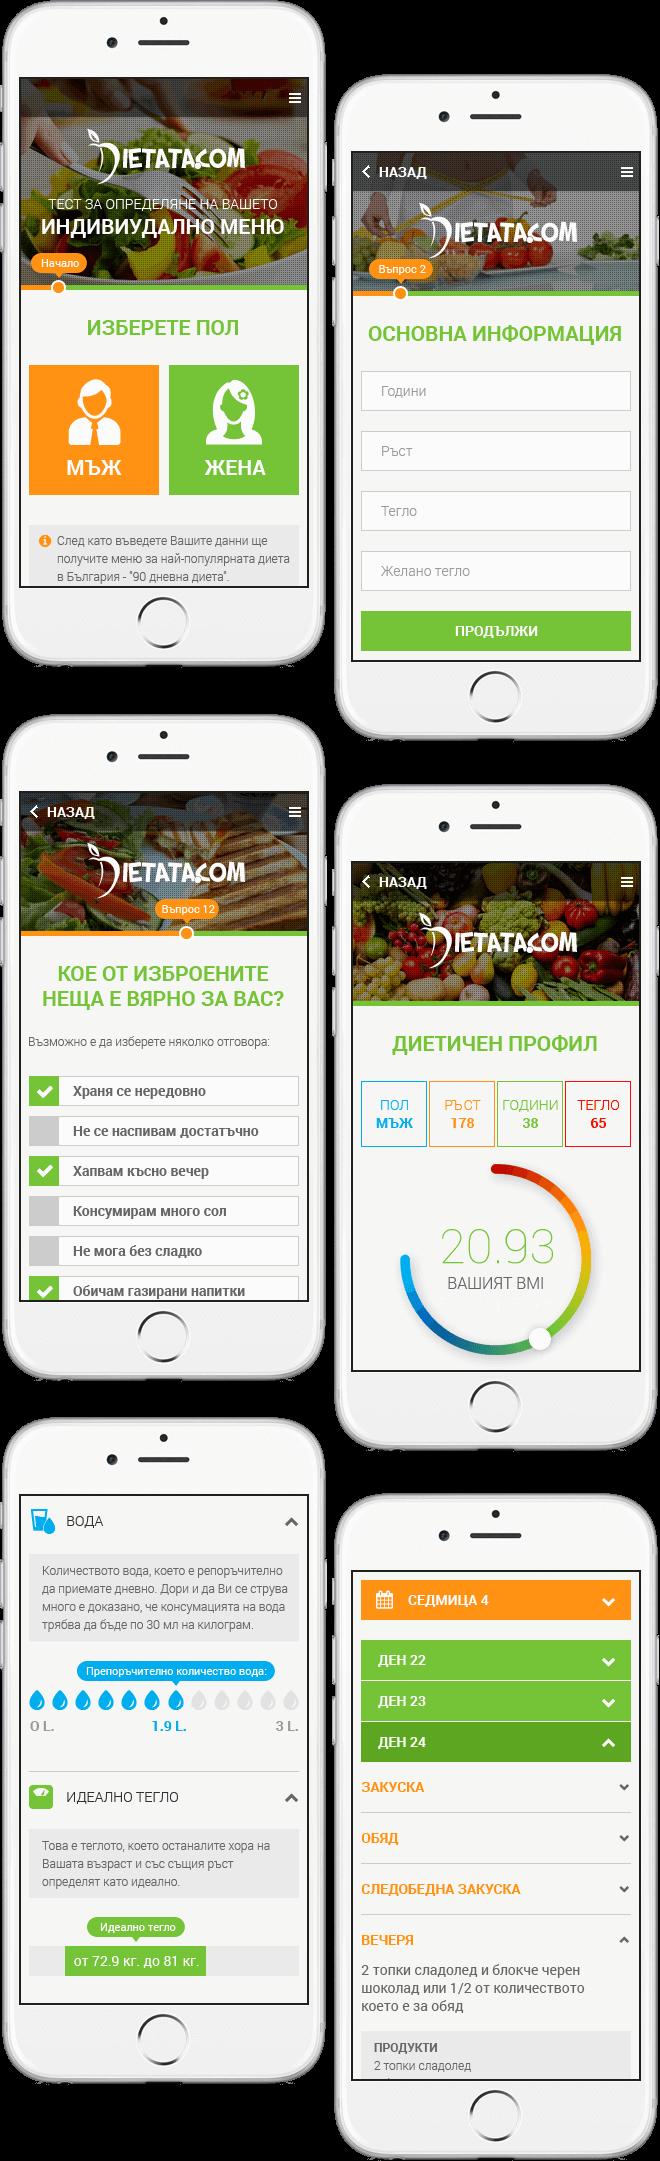 Mobile App Dietata